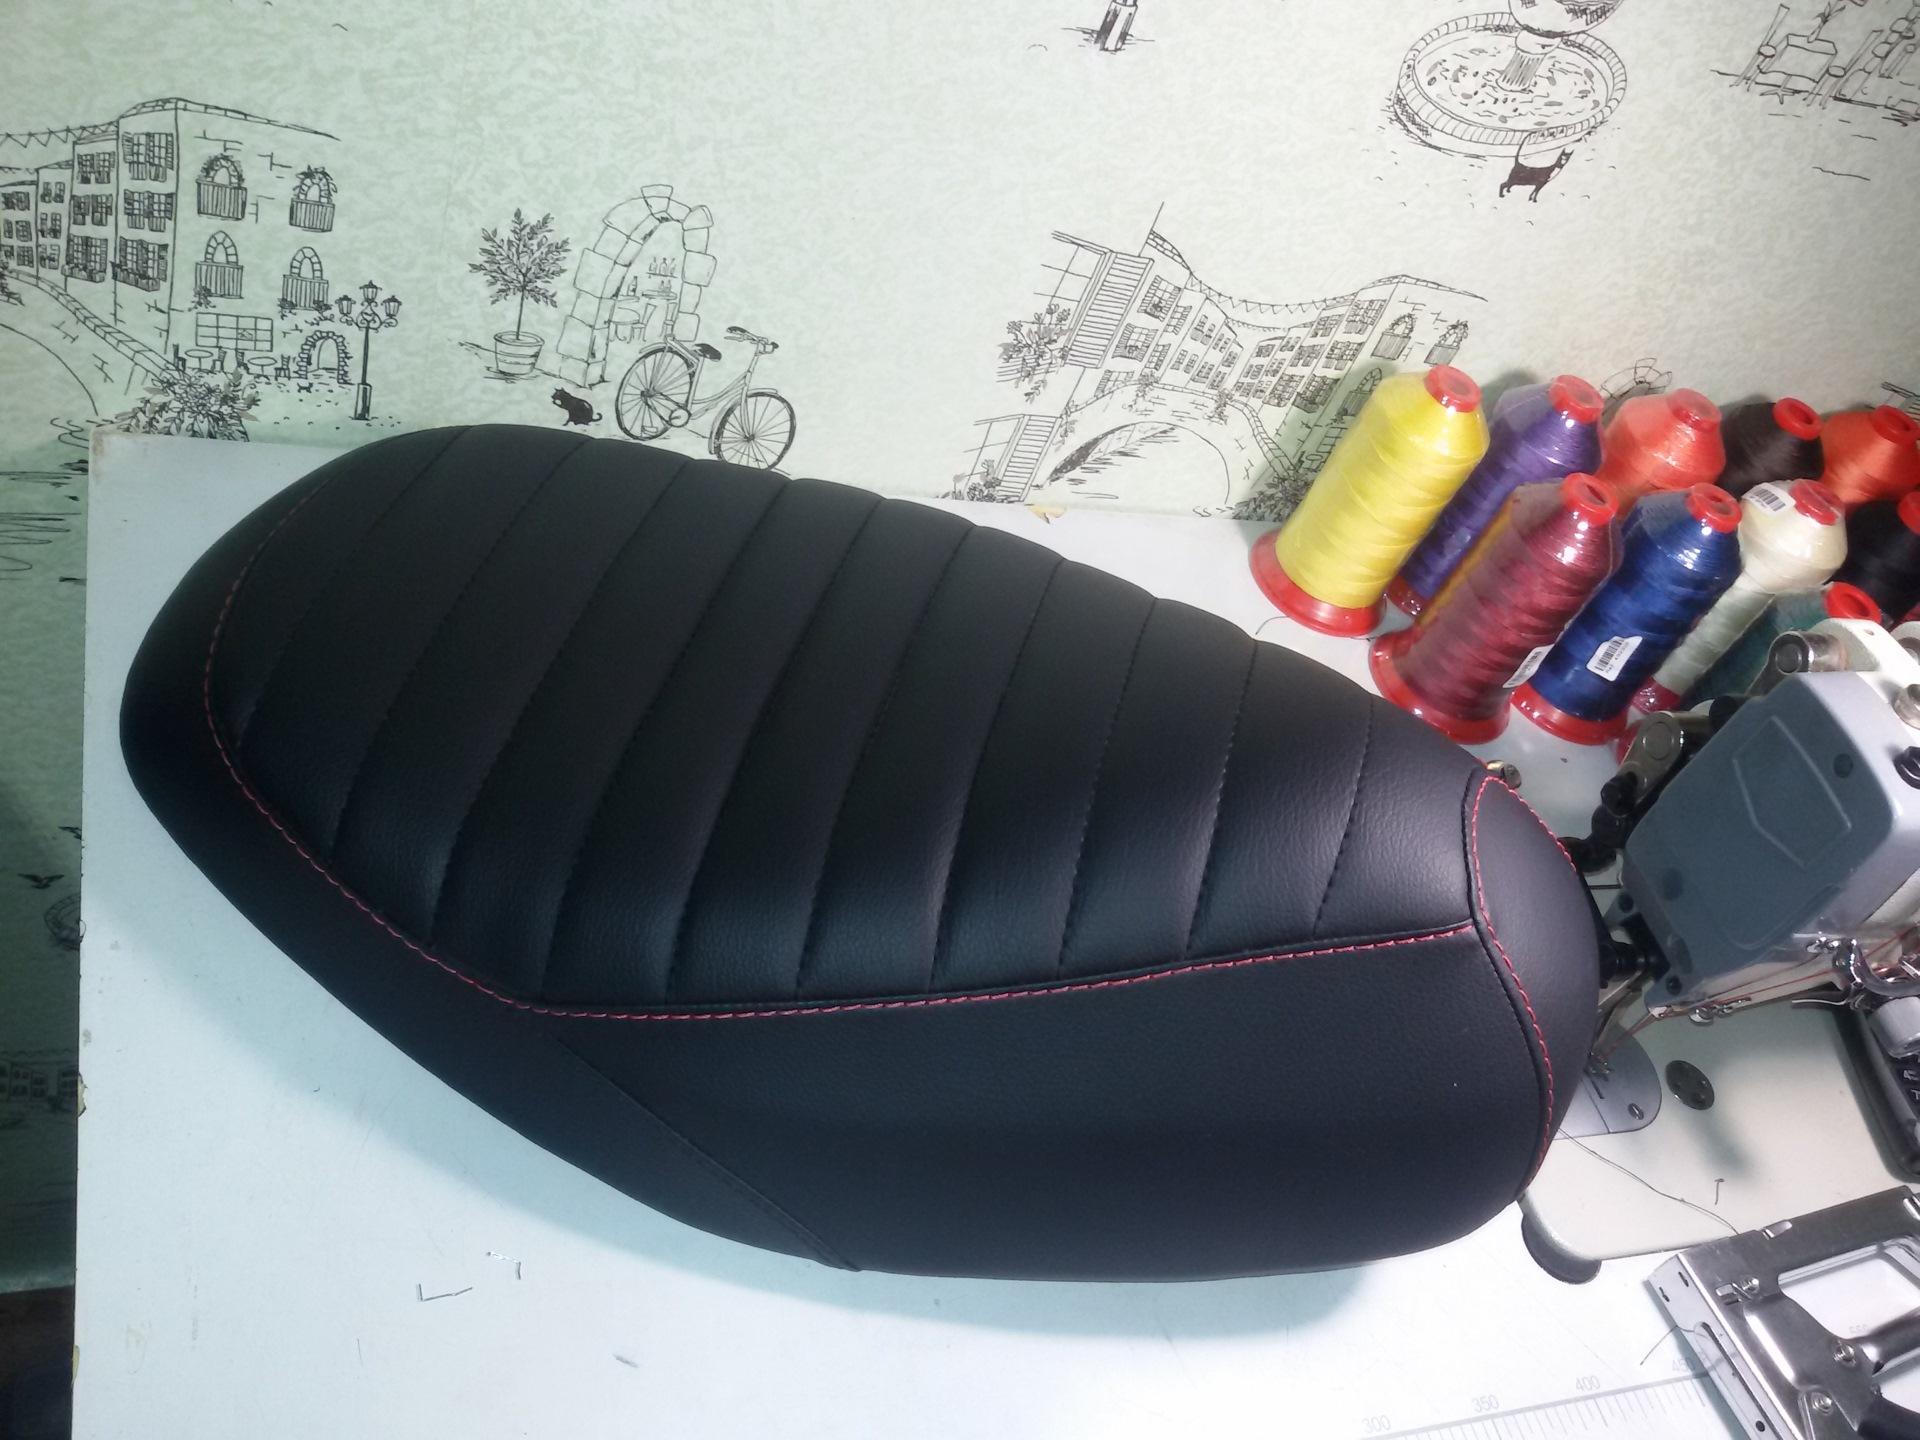 Перетяжка сиденья скутера, делаем сами